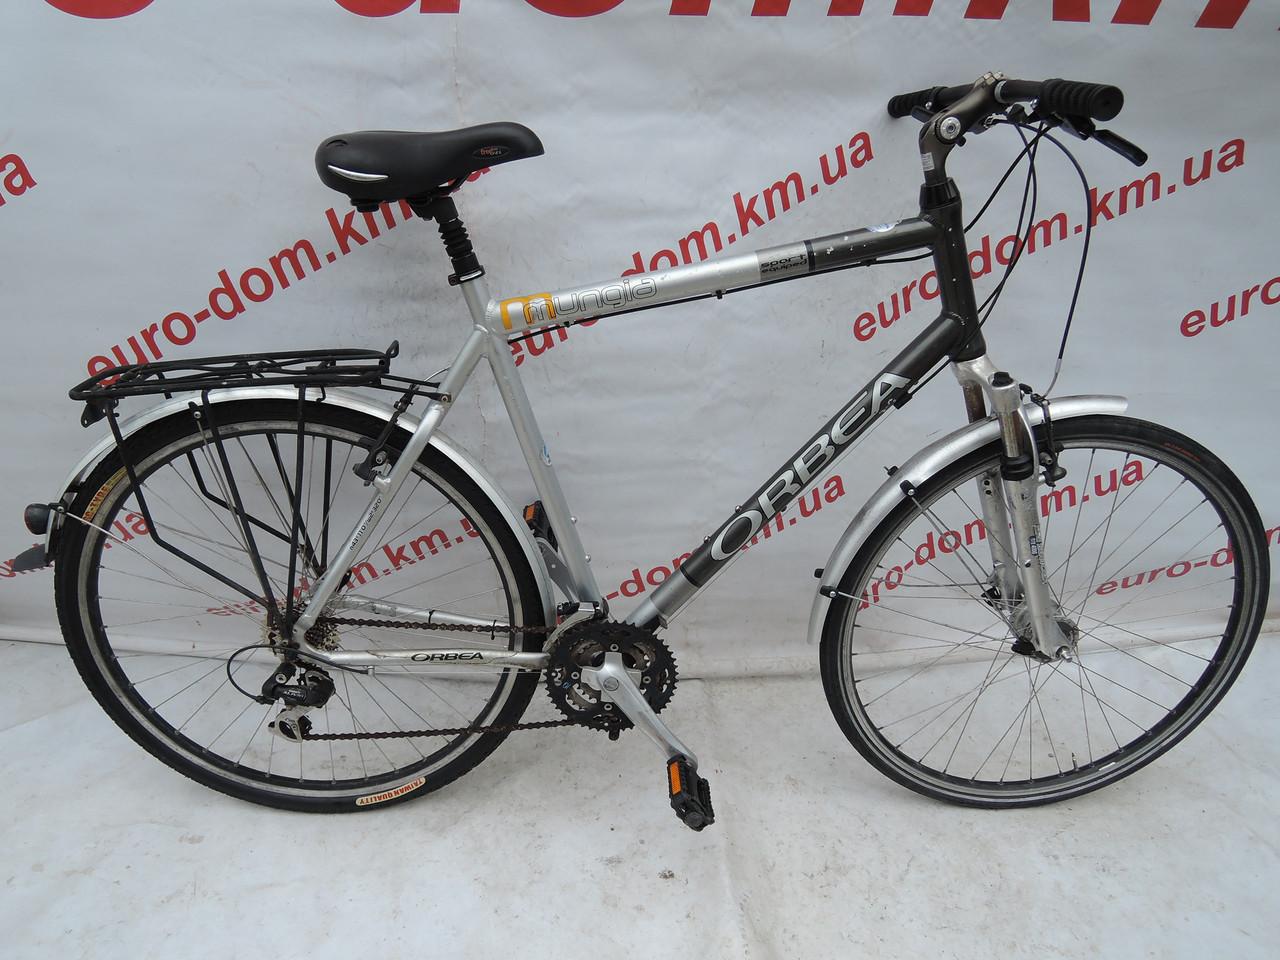 Городской велосипед Orbea 28 колеса 21 скорость